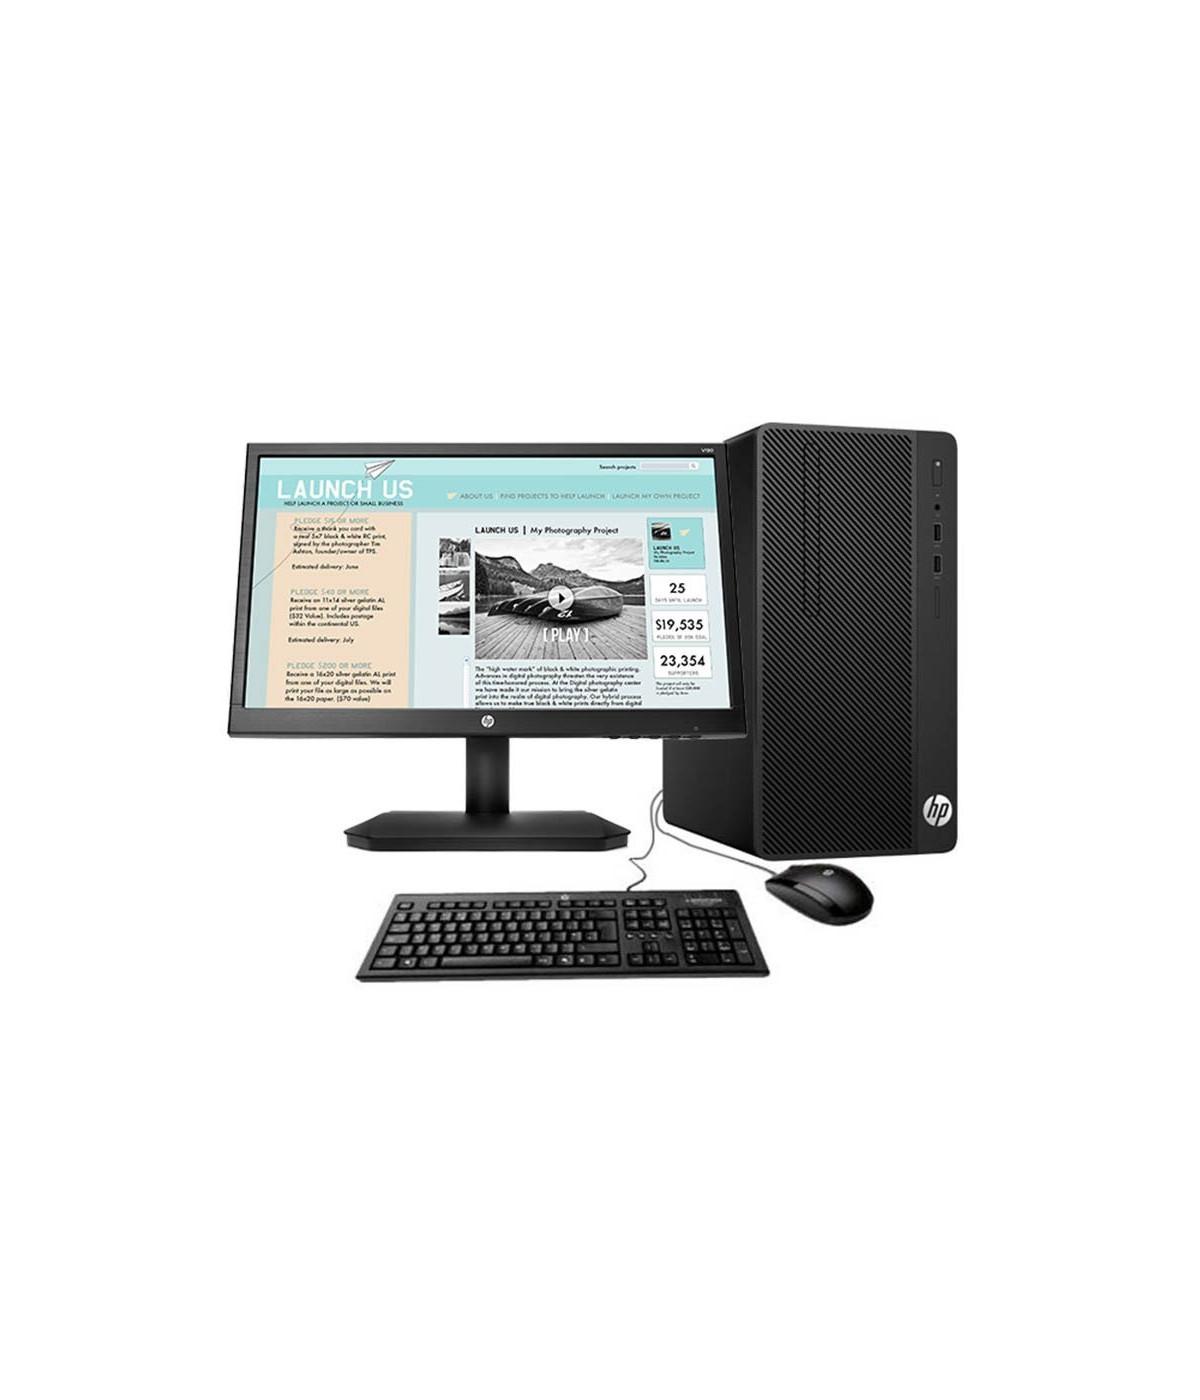 PC DE ESCRITORIO HP 280 G3 SFF Core i3 8100 3WN80LT